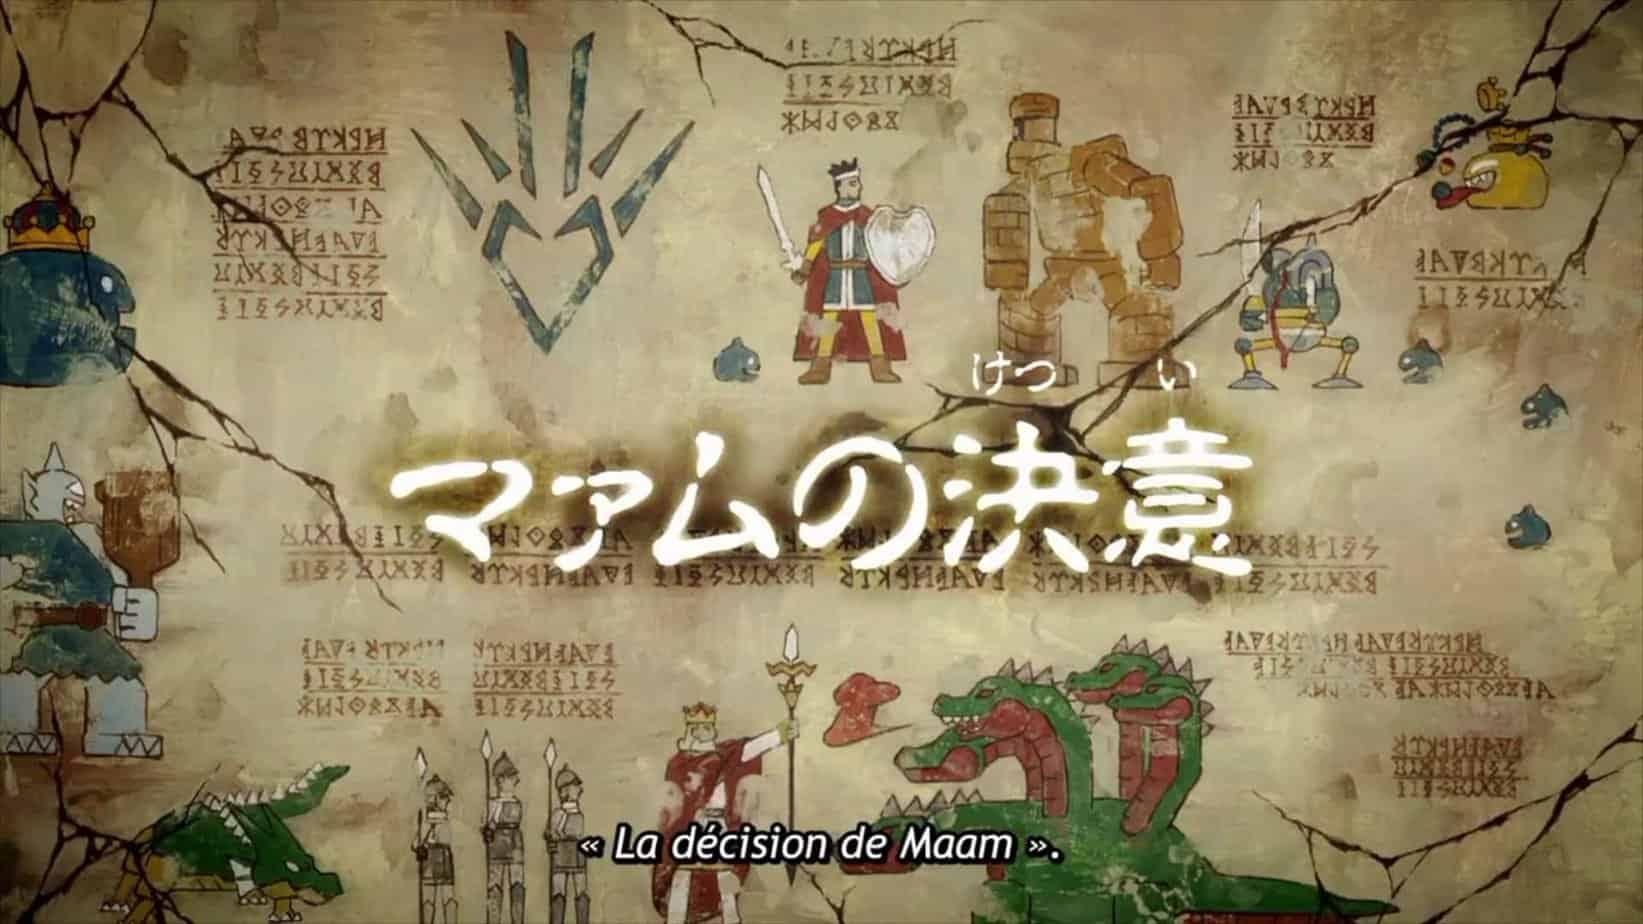 Dragon Quest : Dai No Daibouken 21 Vostfr – La Décision de Maam 1